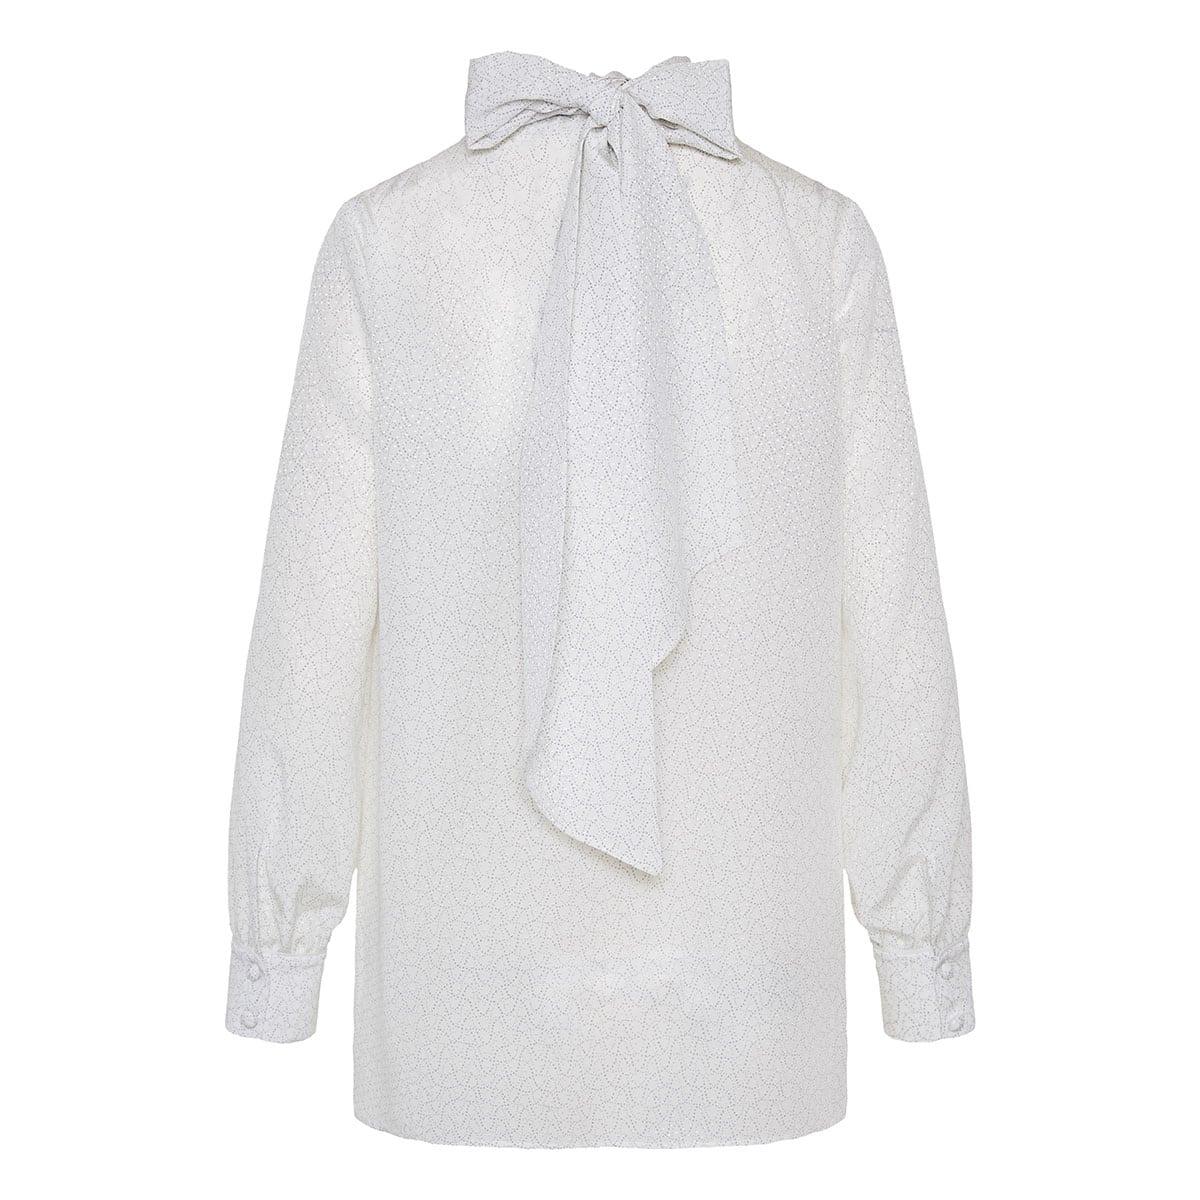 Bow-tie crepe de chine blouse